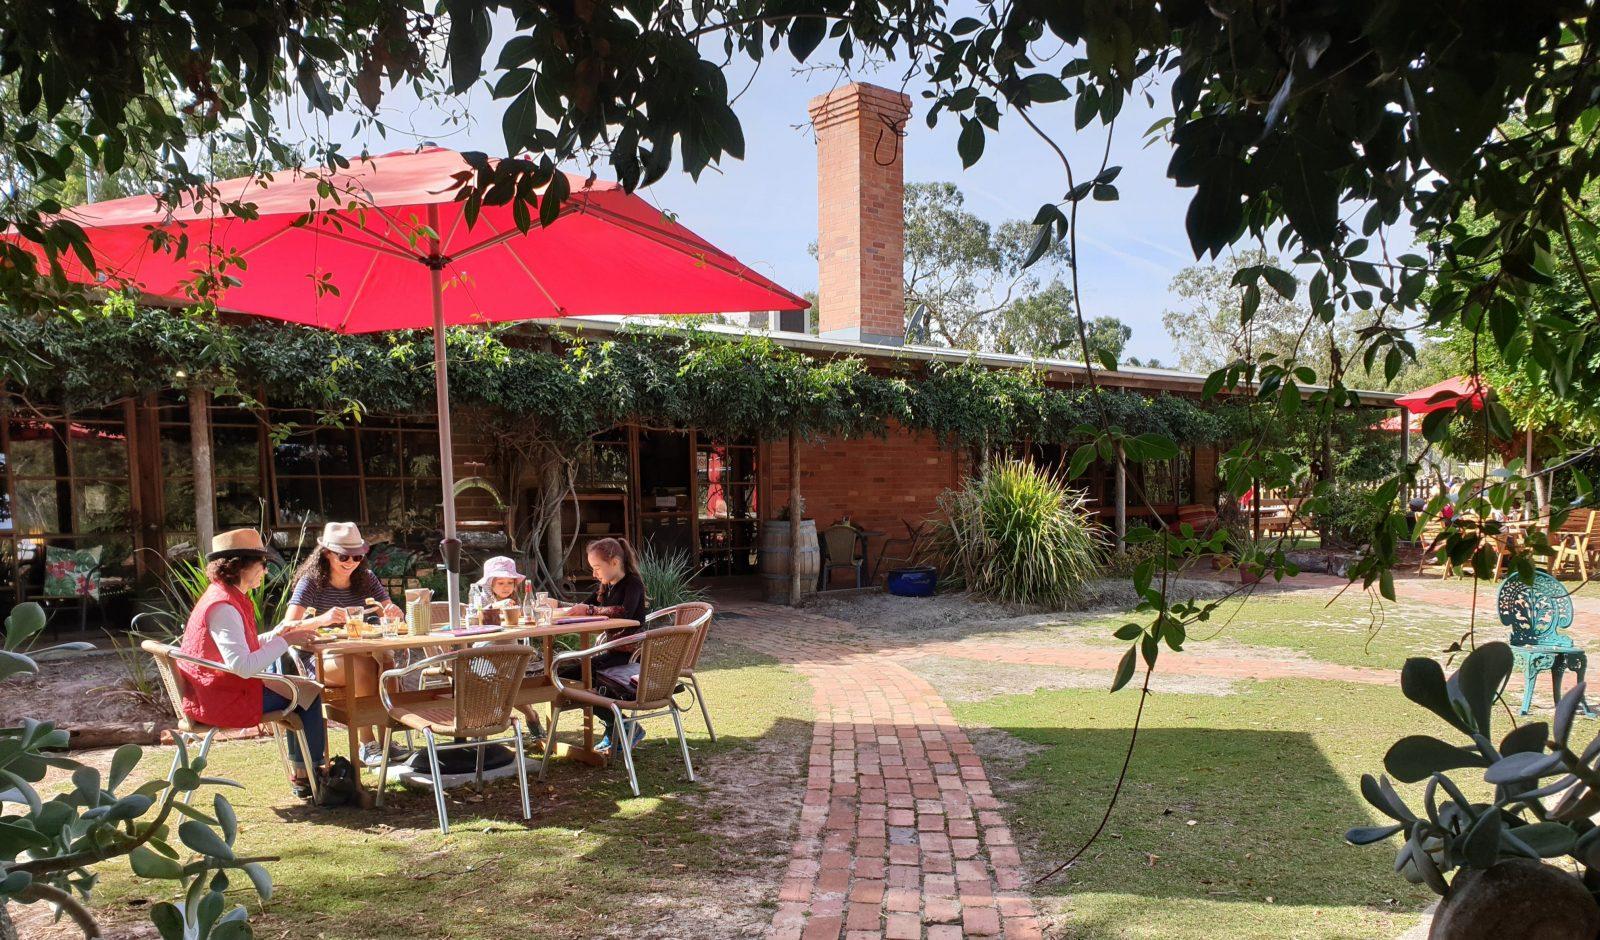 Red umbrella over garden diners